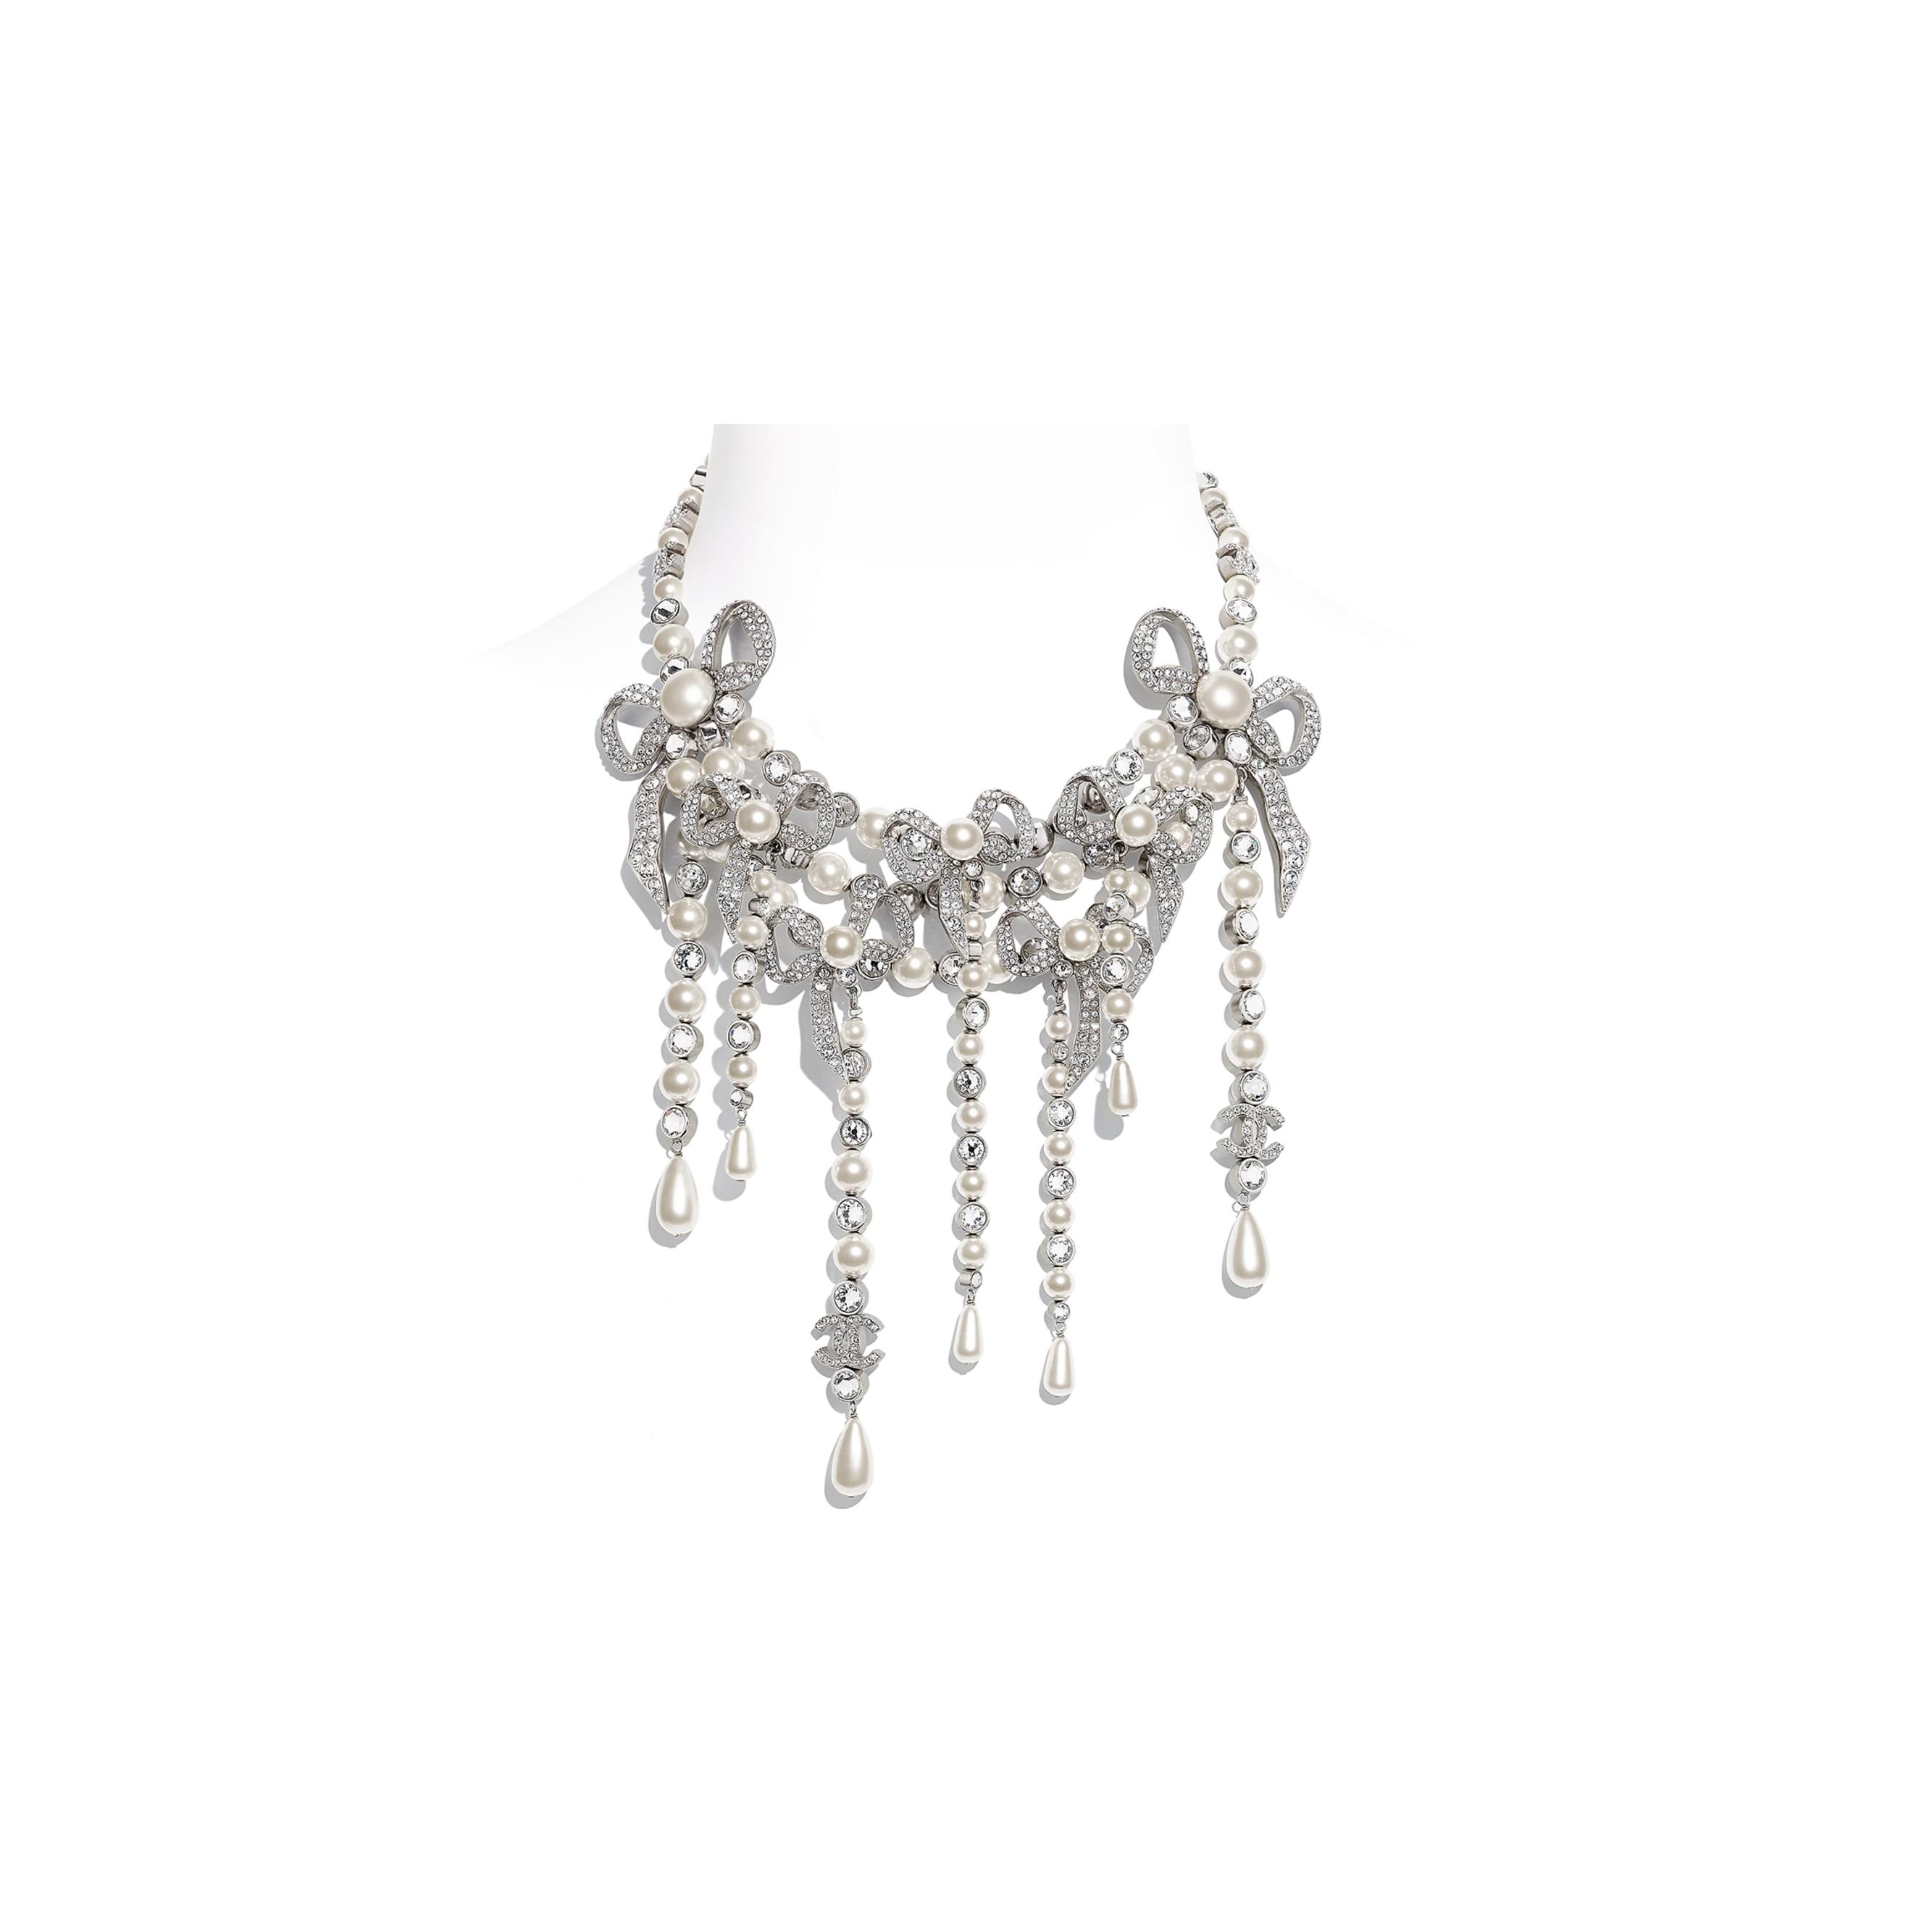 Collier - Argenté, blanc nacré & cristal - Métal, perles de verre & strass - CHANEL - Vue par défaut - voir la version taille standard